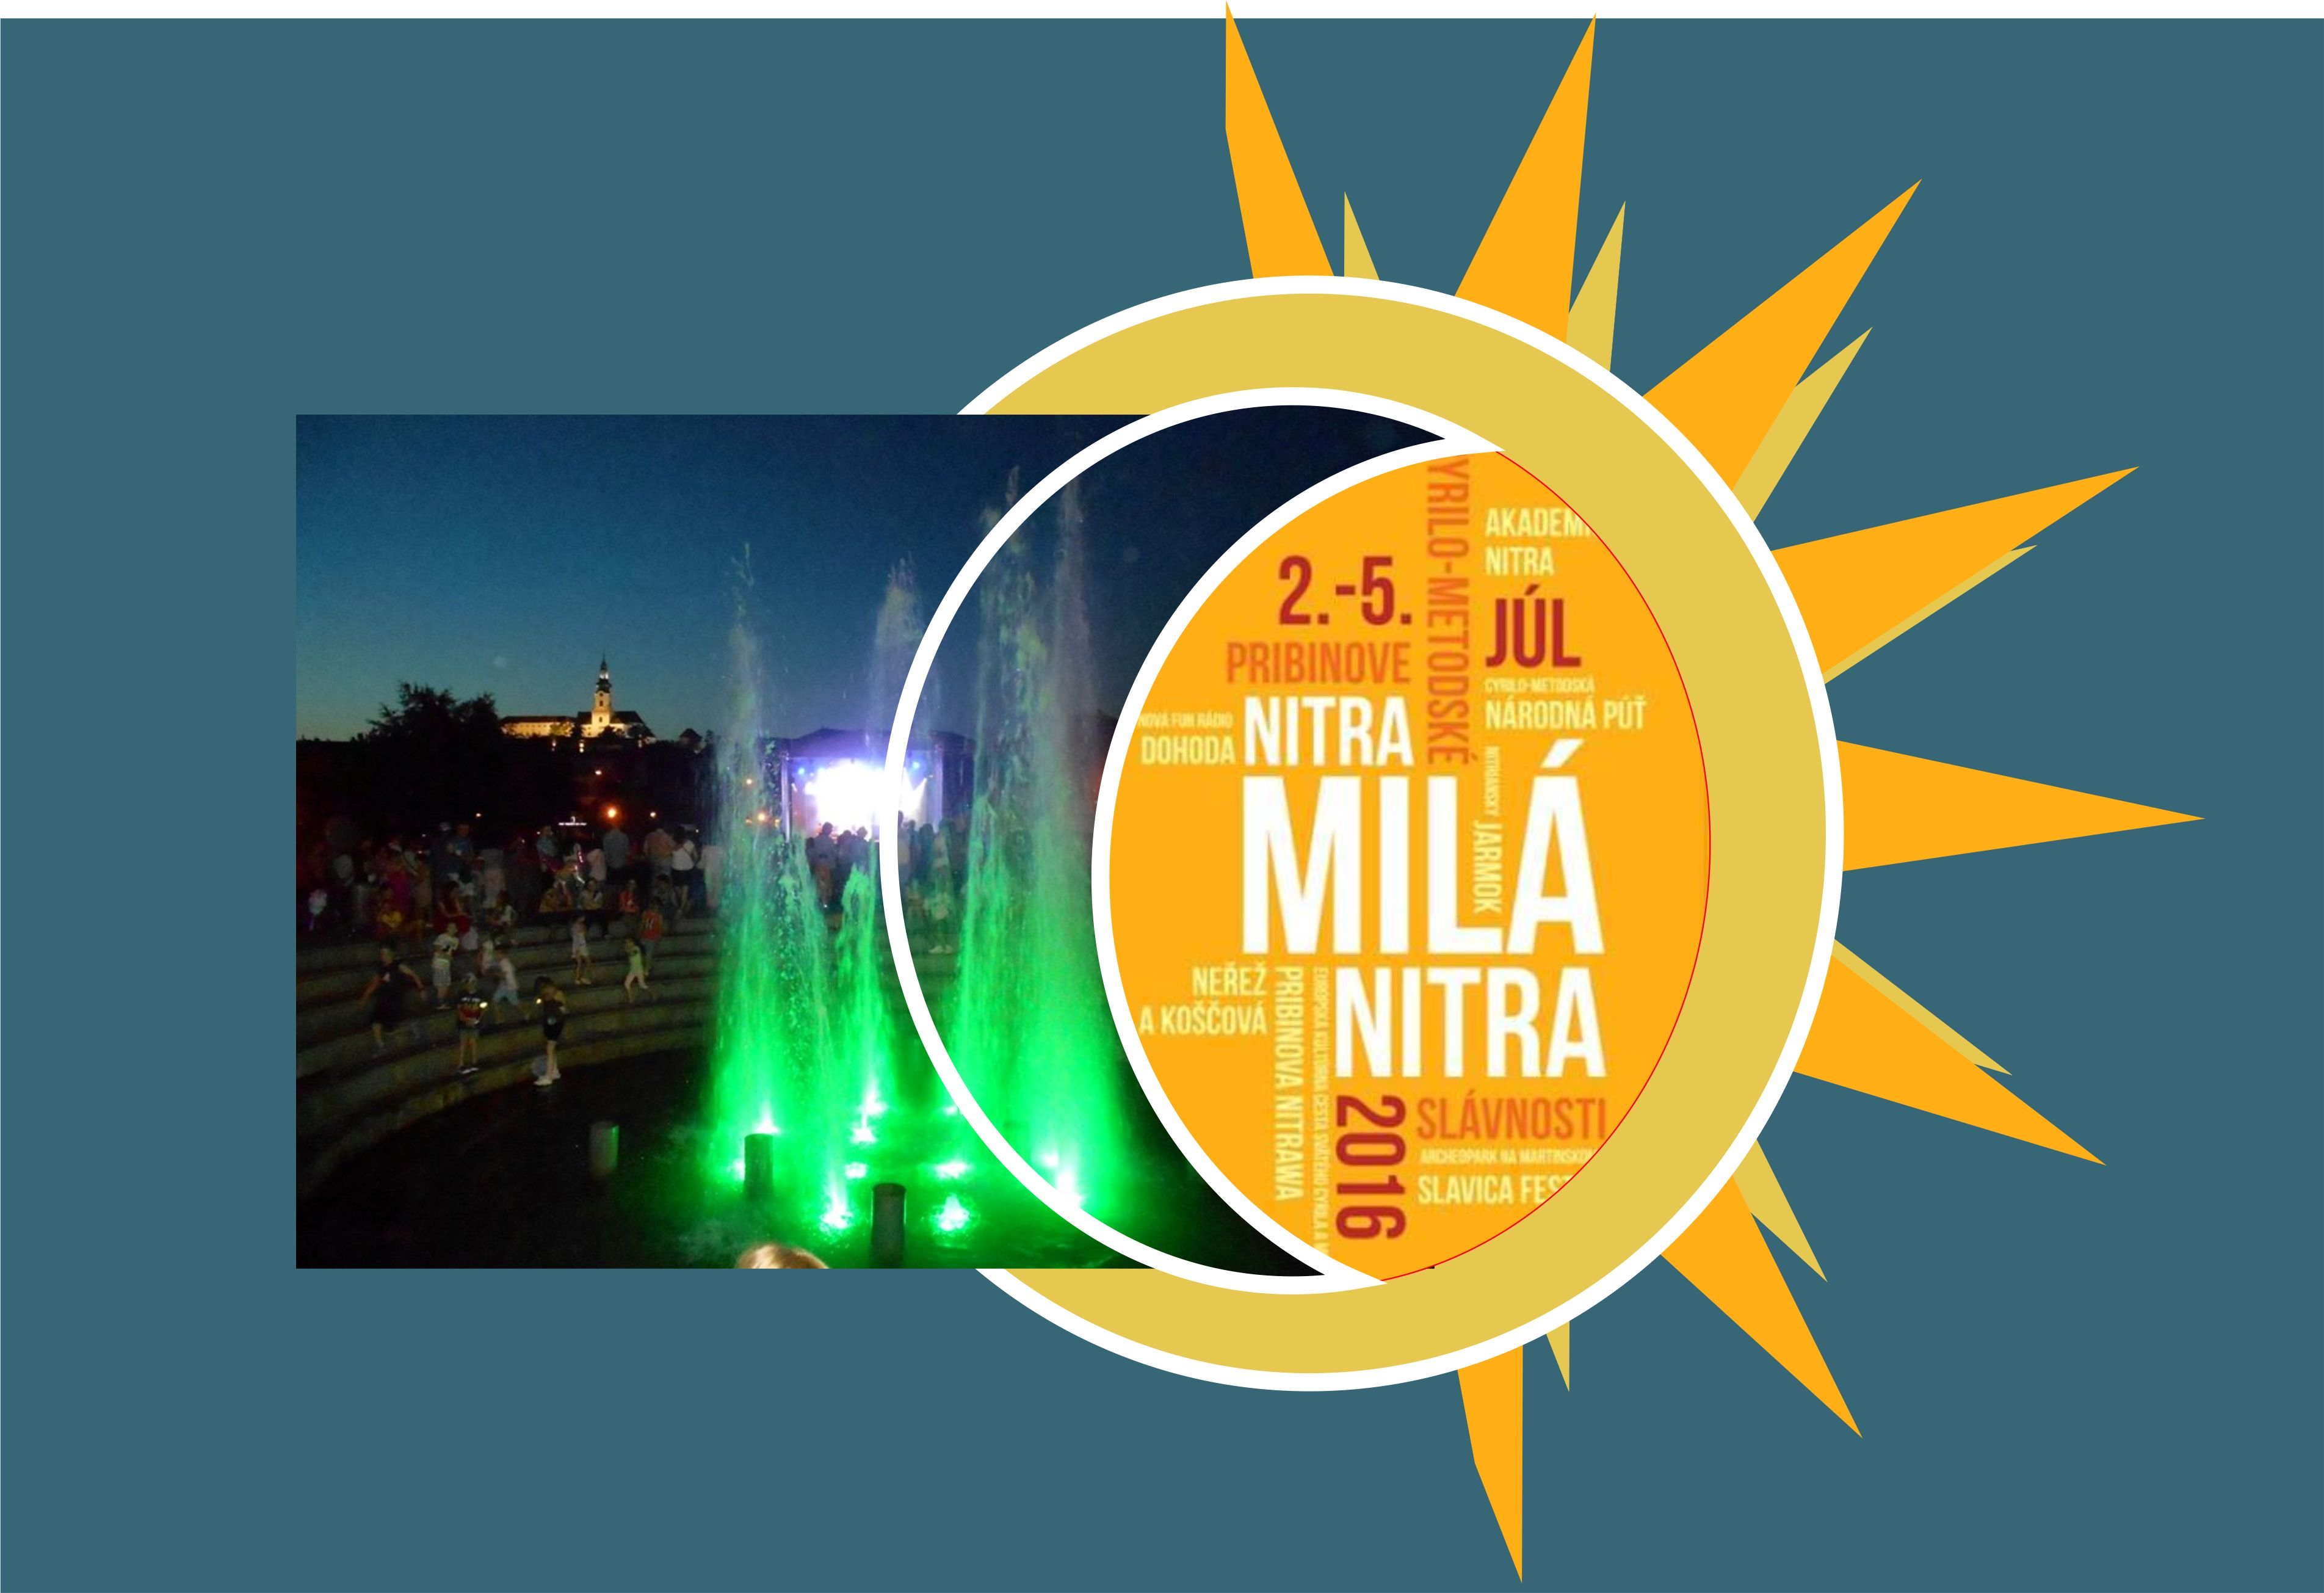 e8d2999c4 Nitra, milá Nitra 2016 - zoznam podujatí - Katalóg firiem | moje Zamky